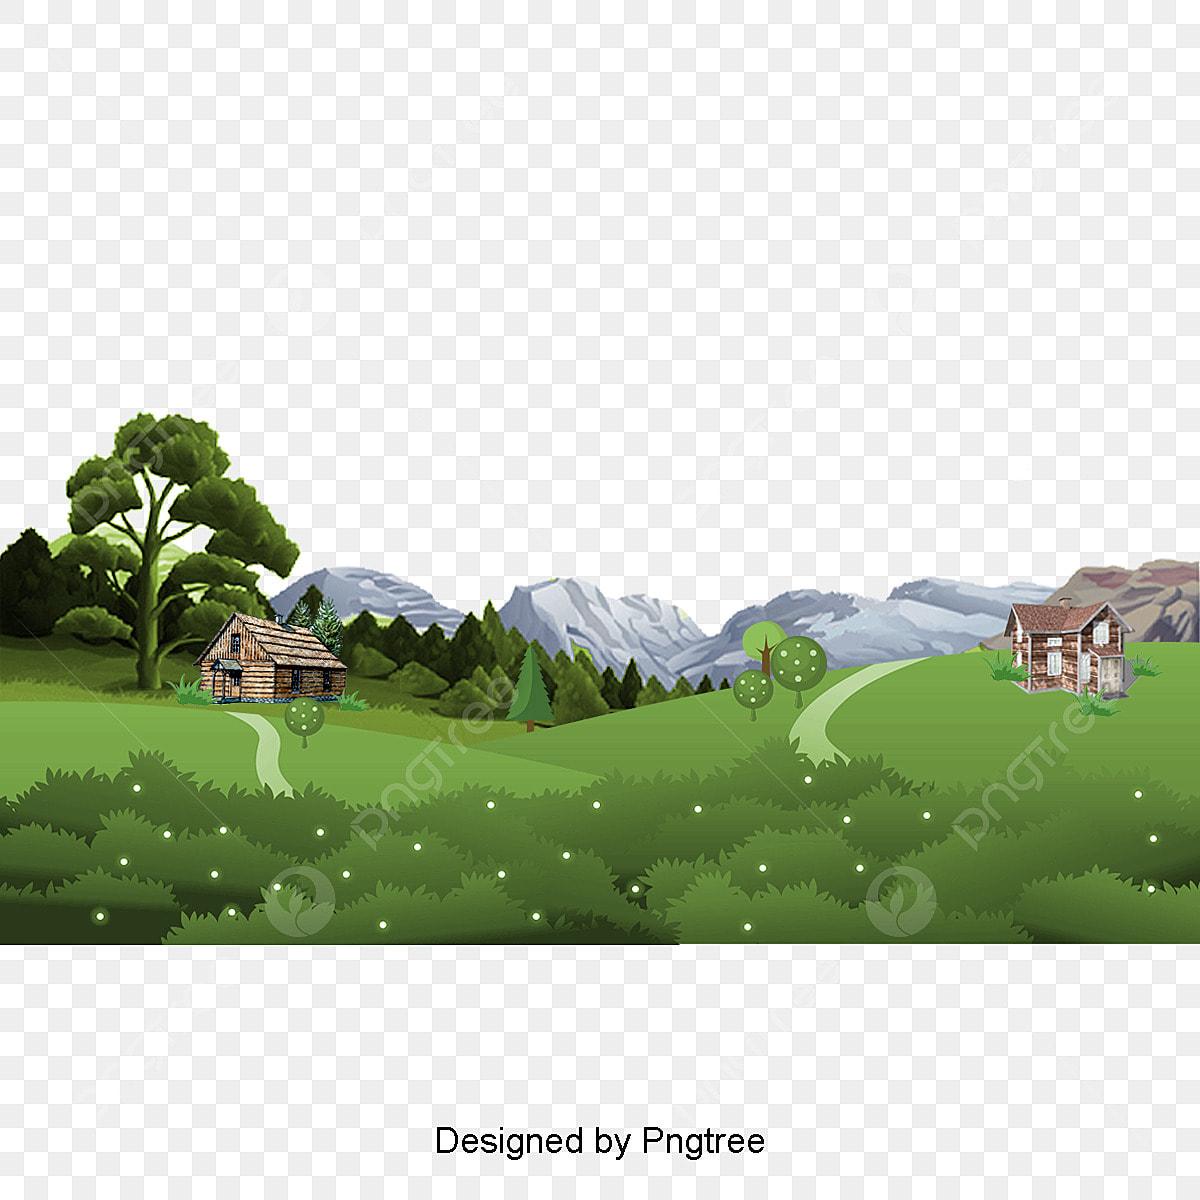 A Paisagem Natural Do Desenho Pintado A Mao Design De Estetica